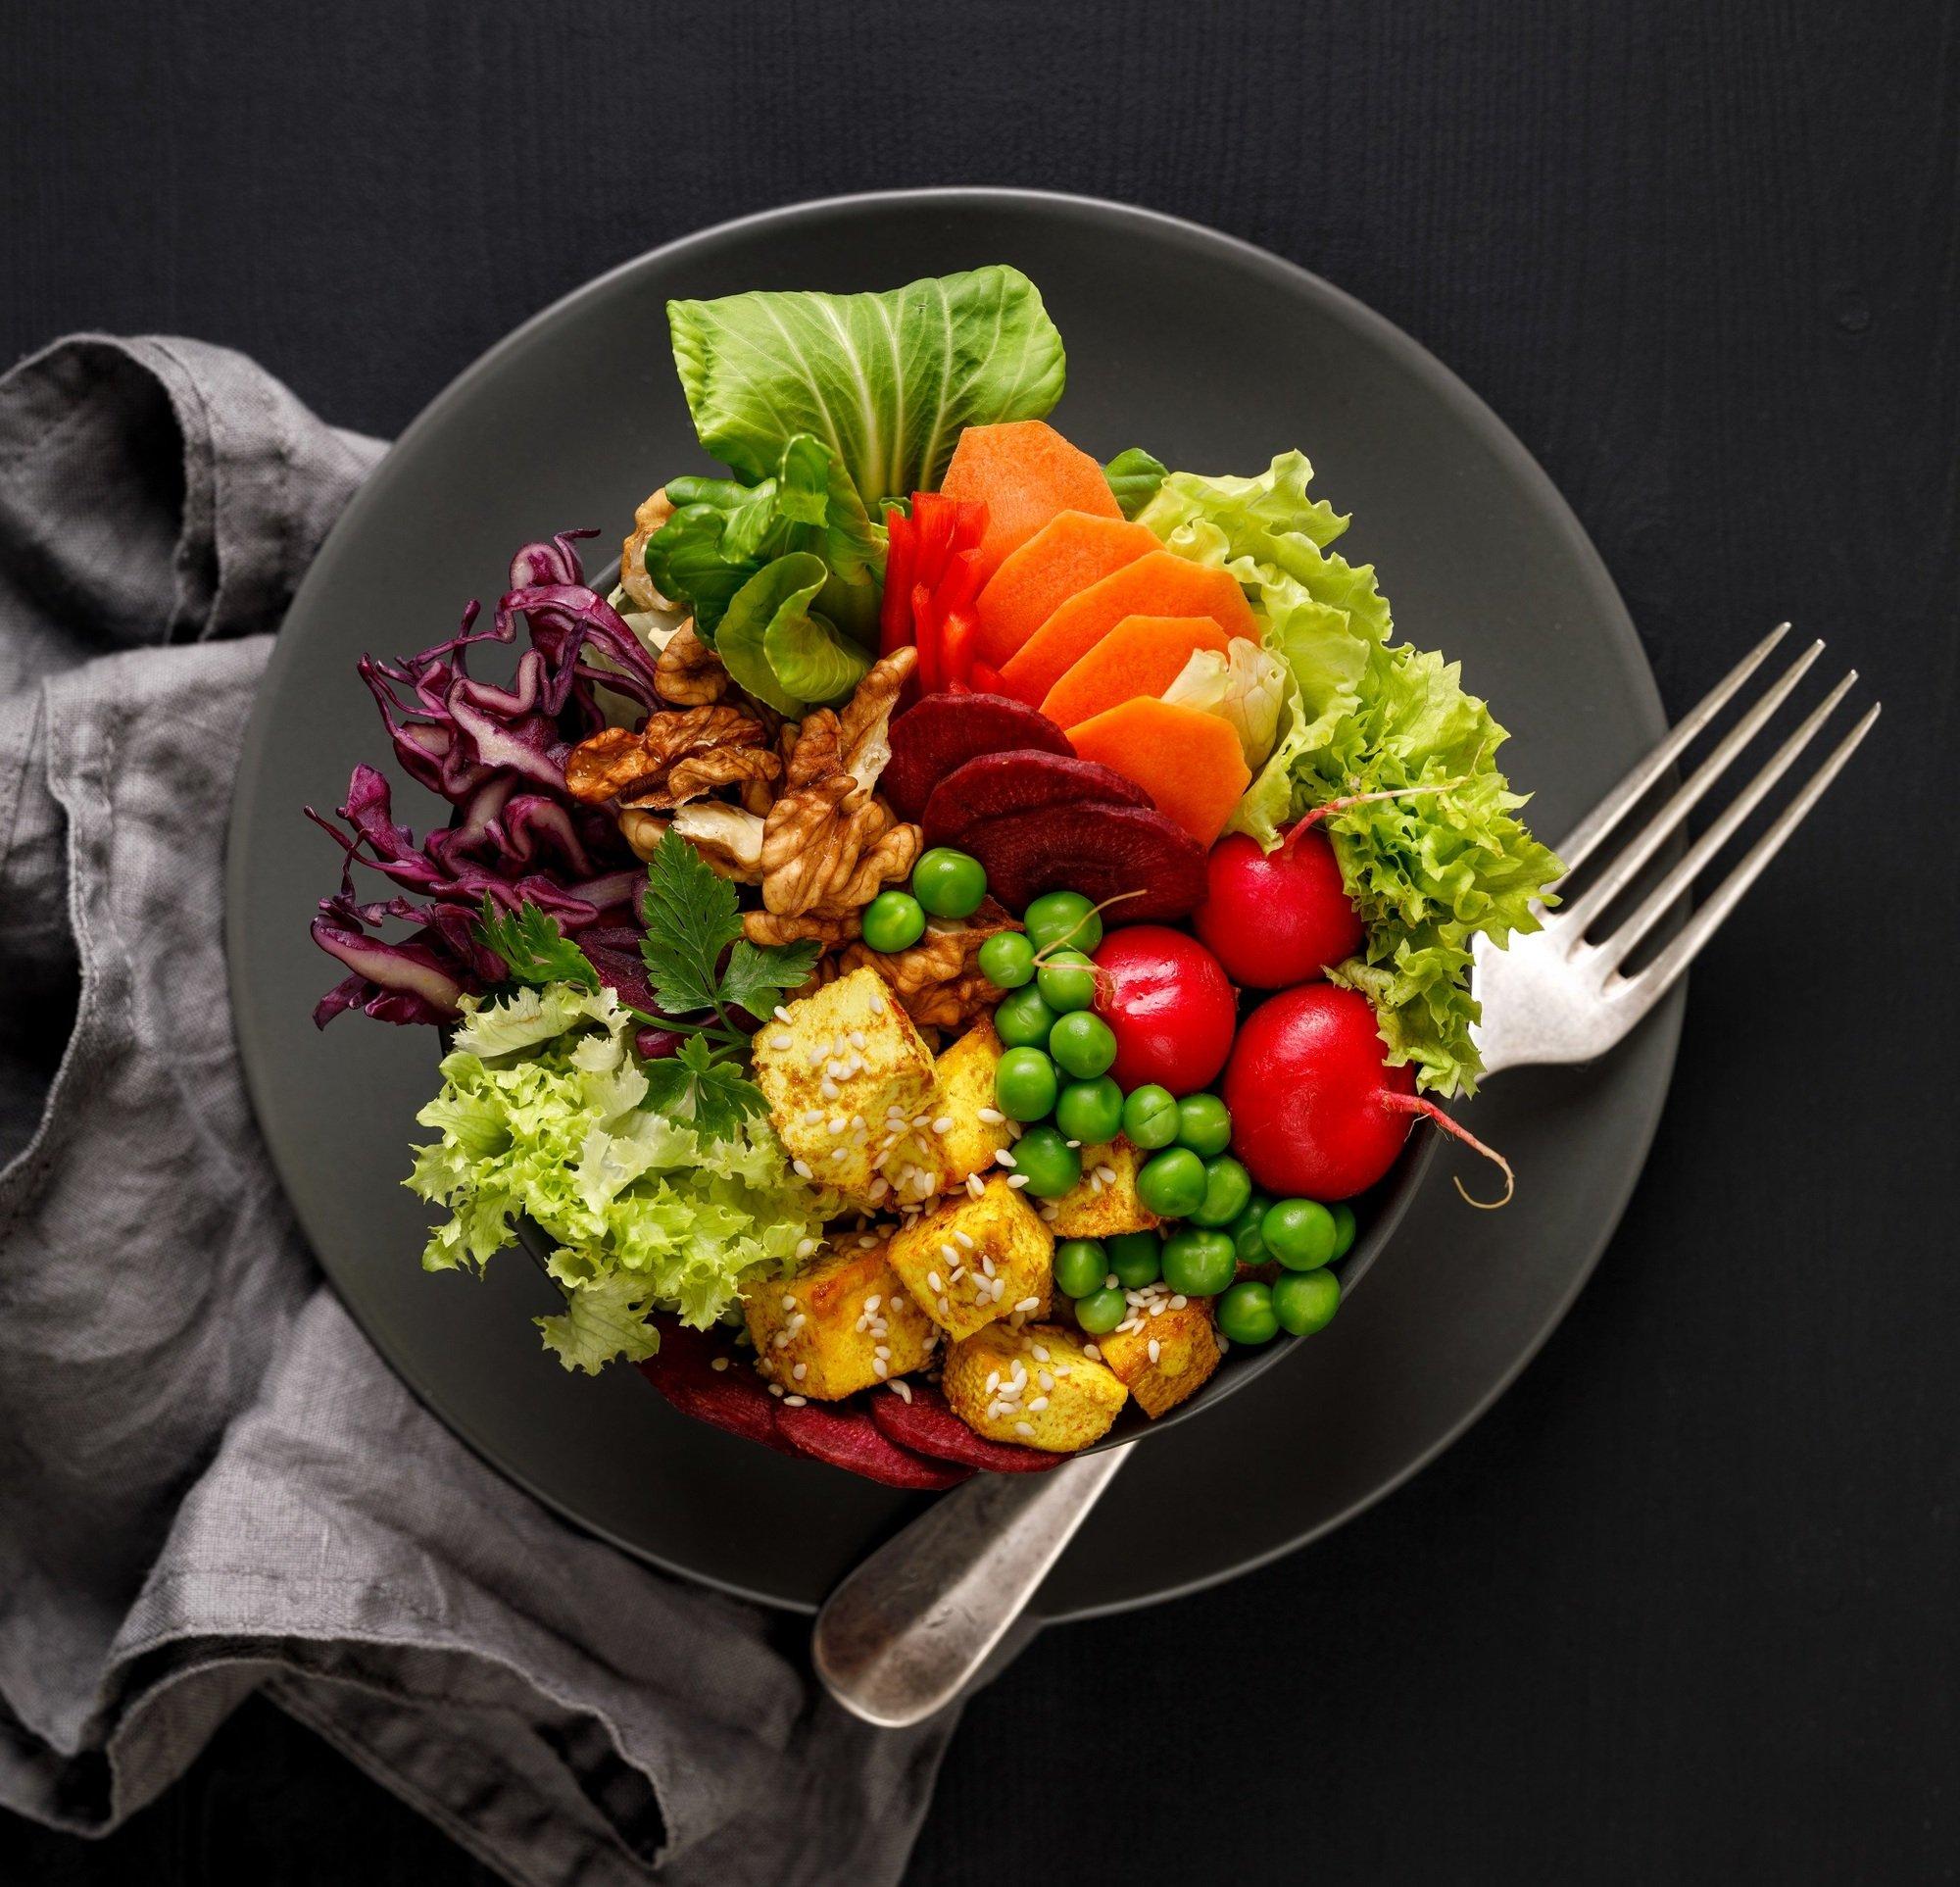 Mudah Banget, Mengenal Istilah Plant Based Diet dan Bahan Makanannya